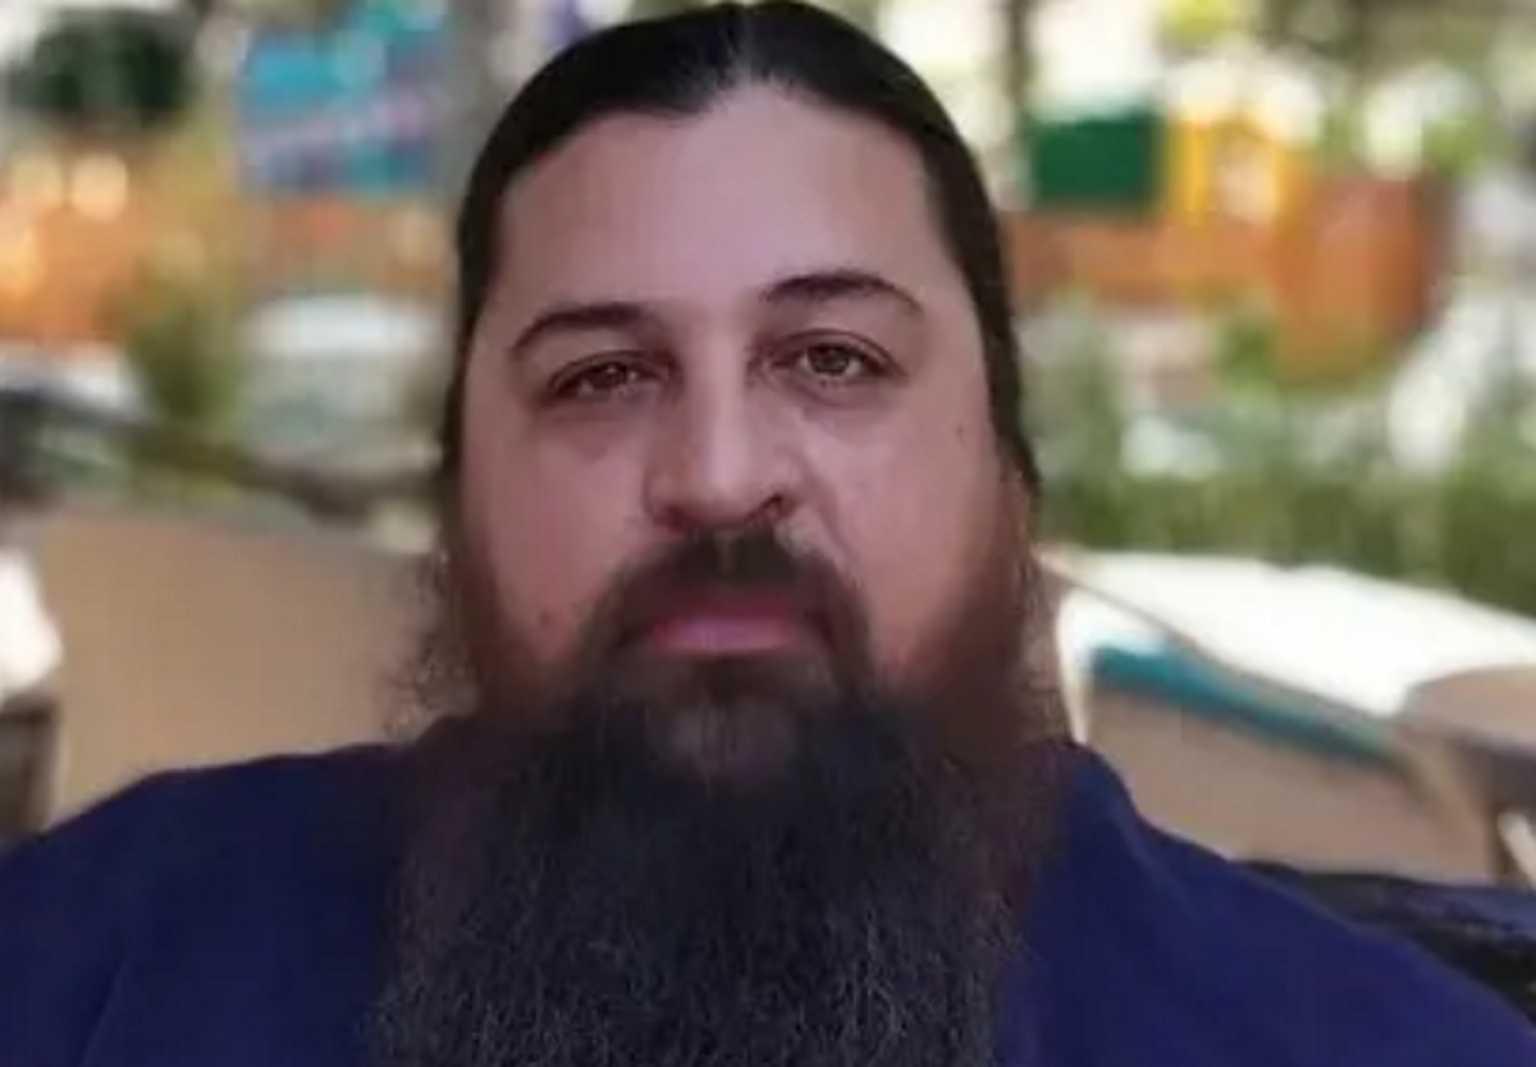 Θεσσαλονίκη: Σπαραγμός για τον θάνατο 14χρονης μαθήτριας μετά από επέμβαση ρουτίνας – Ξεσπάει ο ιερέας πατέρας της